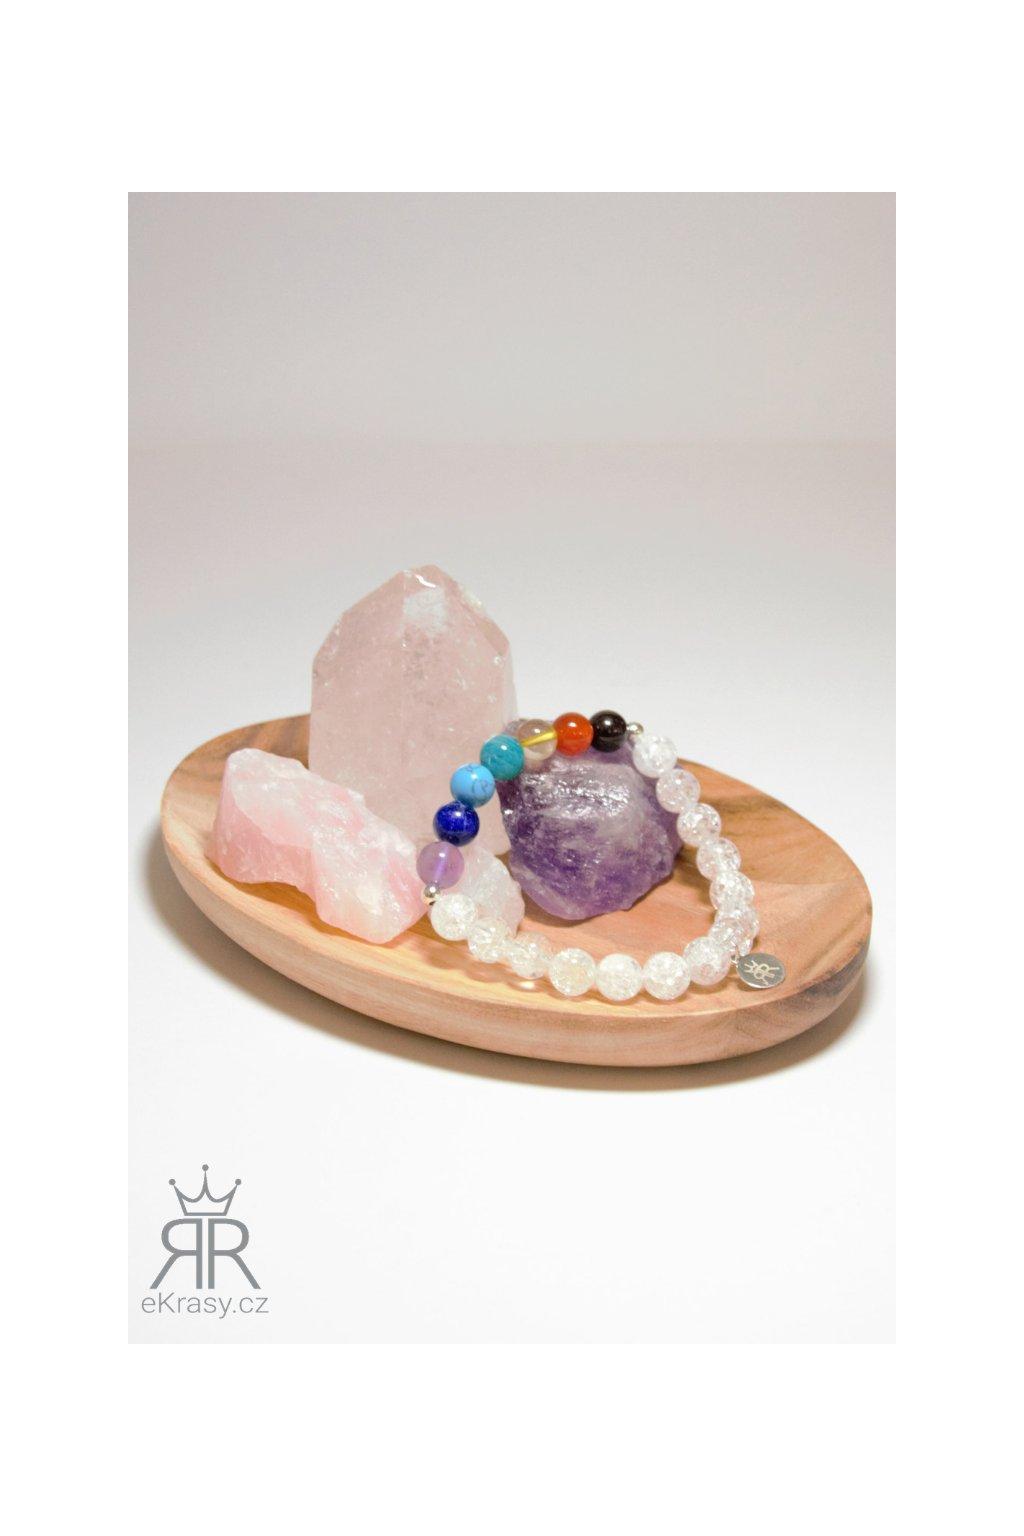 eKrasy náramek Čakry Tiga s kameny brazilský granát, karneol, citrín, amazonit, tyrkenit, lapis lazuli a ametyst, křišťál